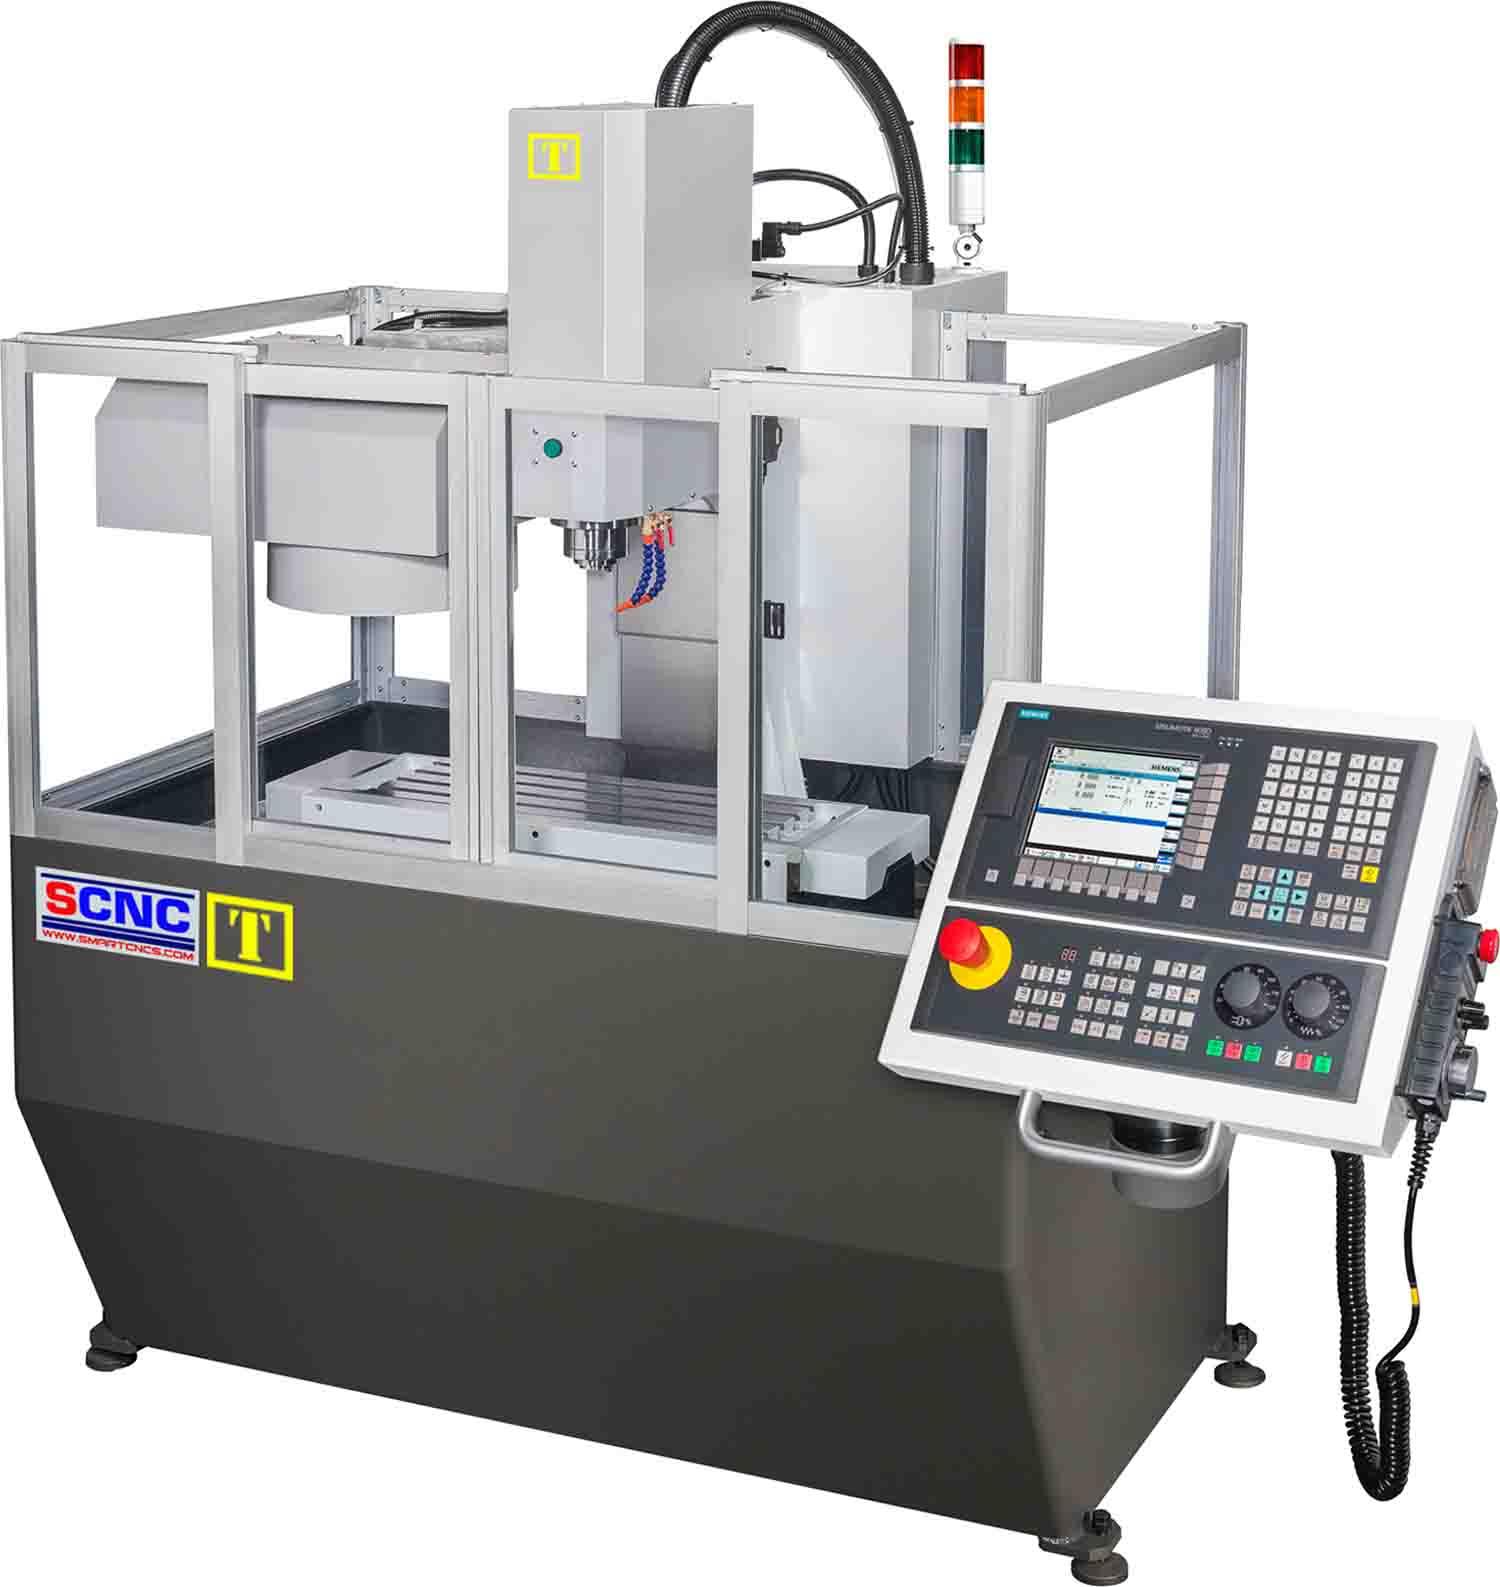 T8 CNC Milling เครื่องกัด CNC มิลลิ่งขนาดกลาง ความแม่นยำสูง จากไต้หวัน,หัวจับ BT30-ER32 ราคา...บาท